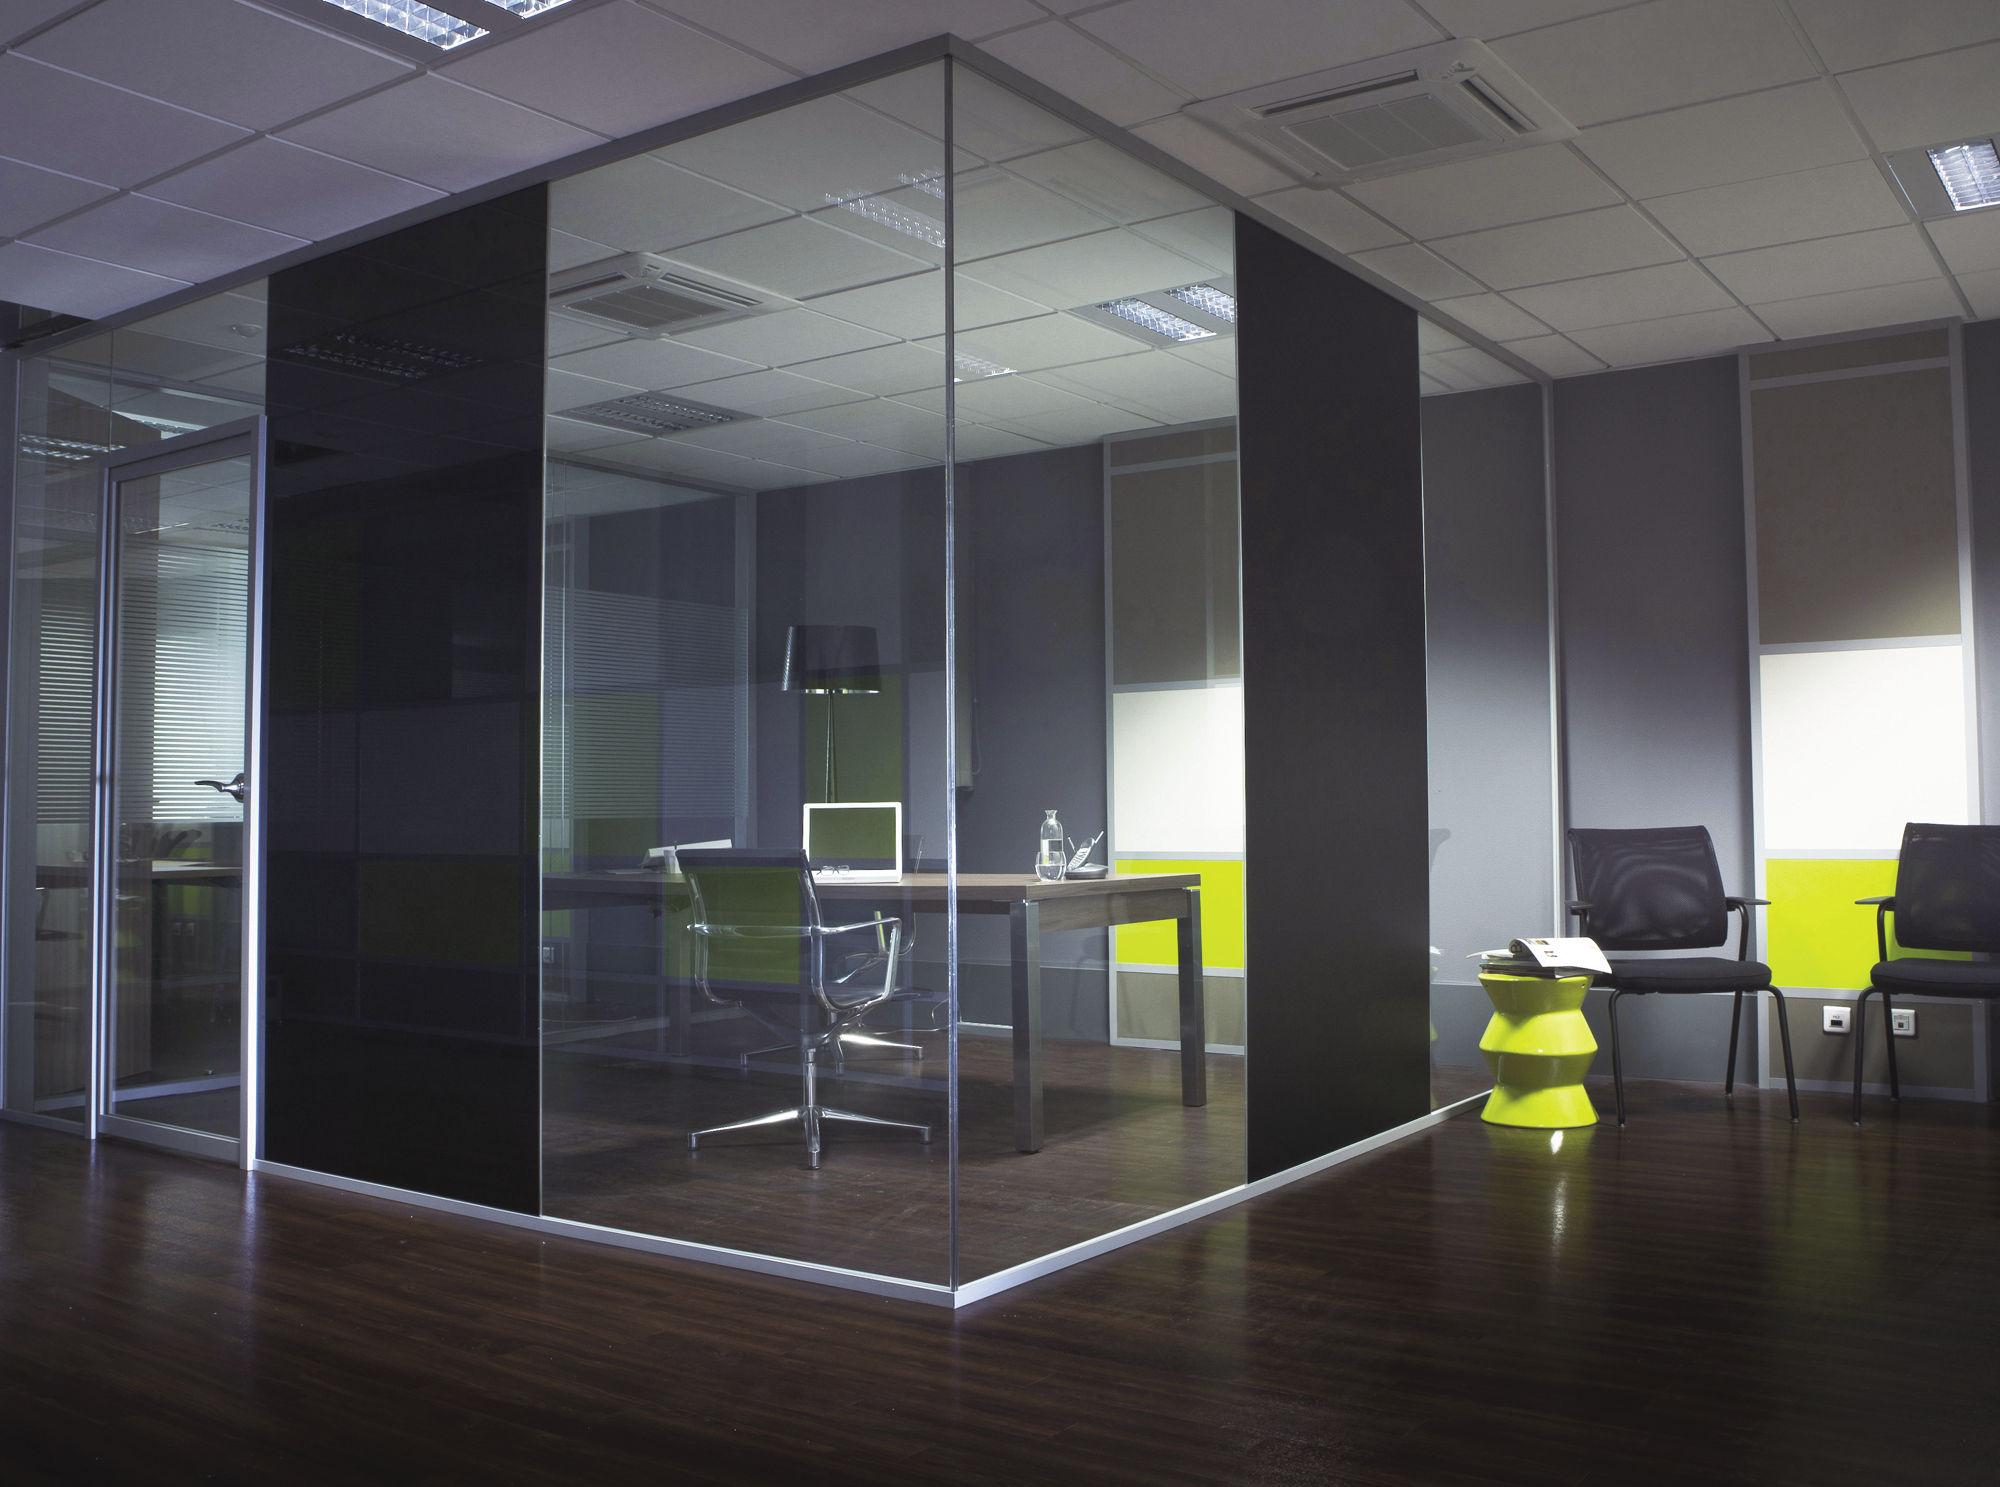 印花玻璃隔断 图片 设计图 效果图 平面图 玻璃图库